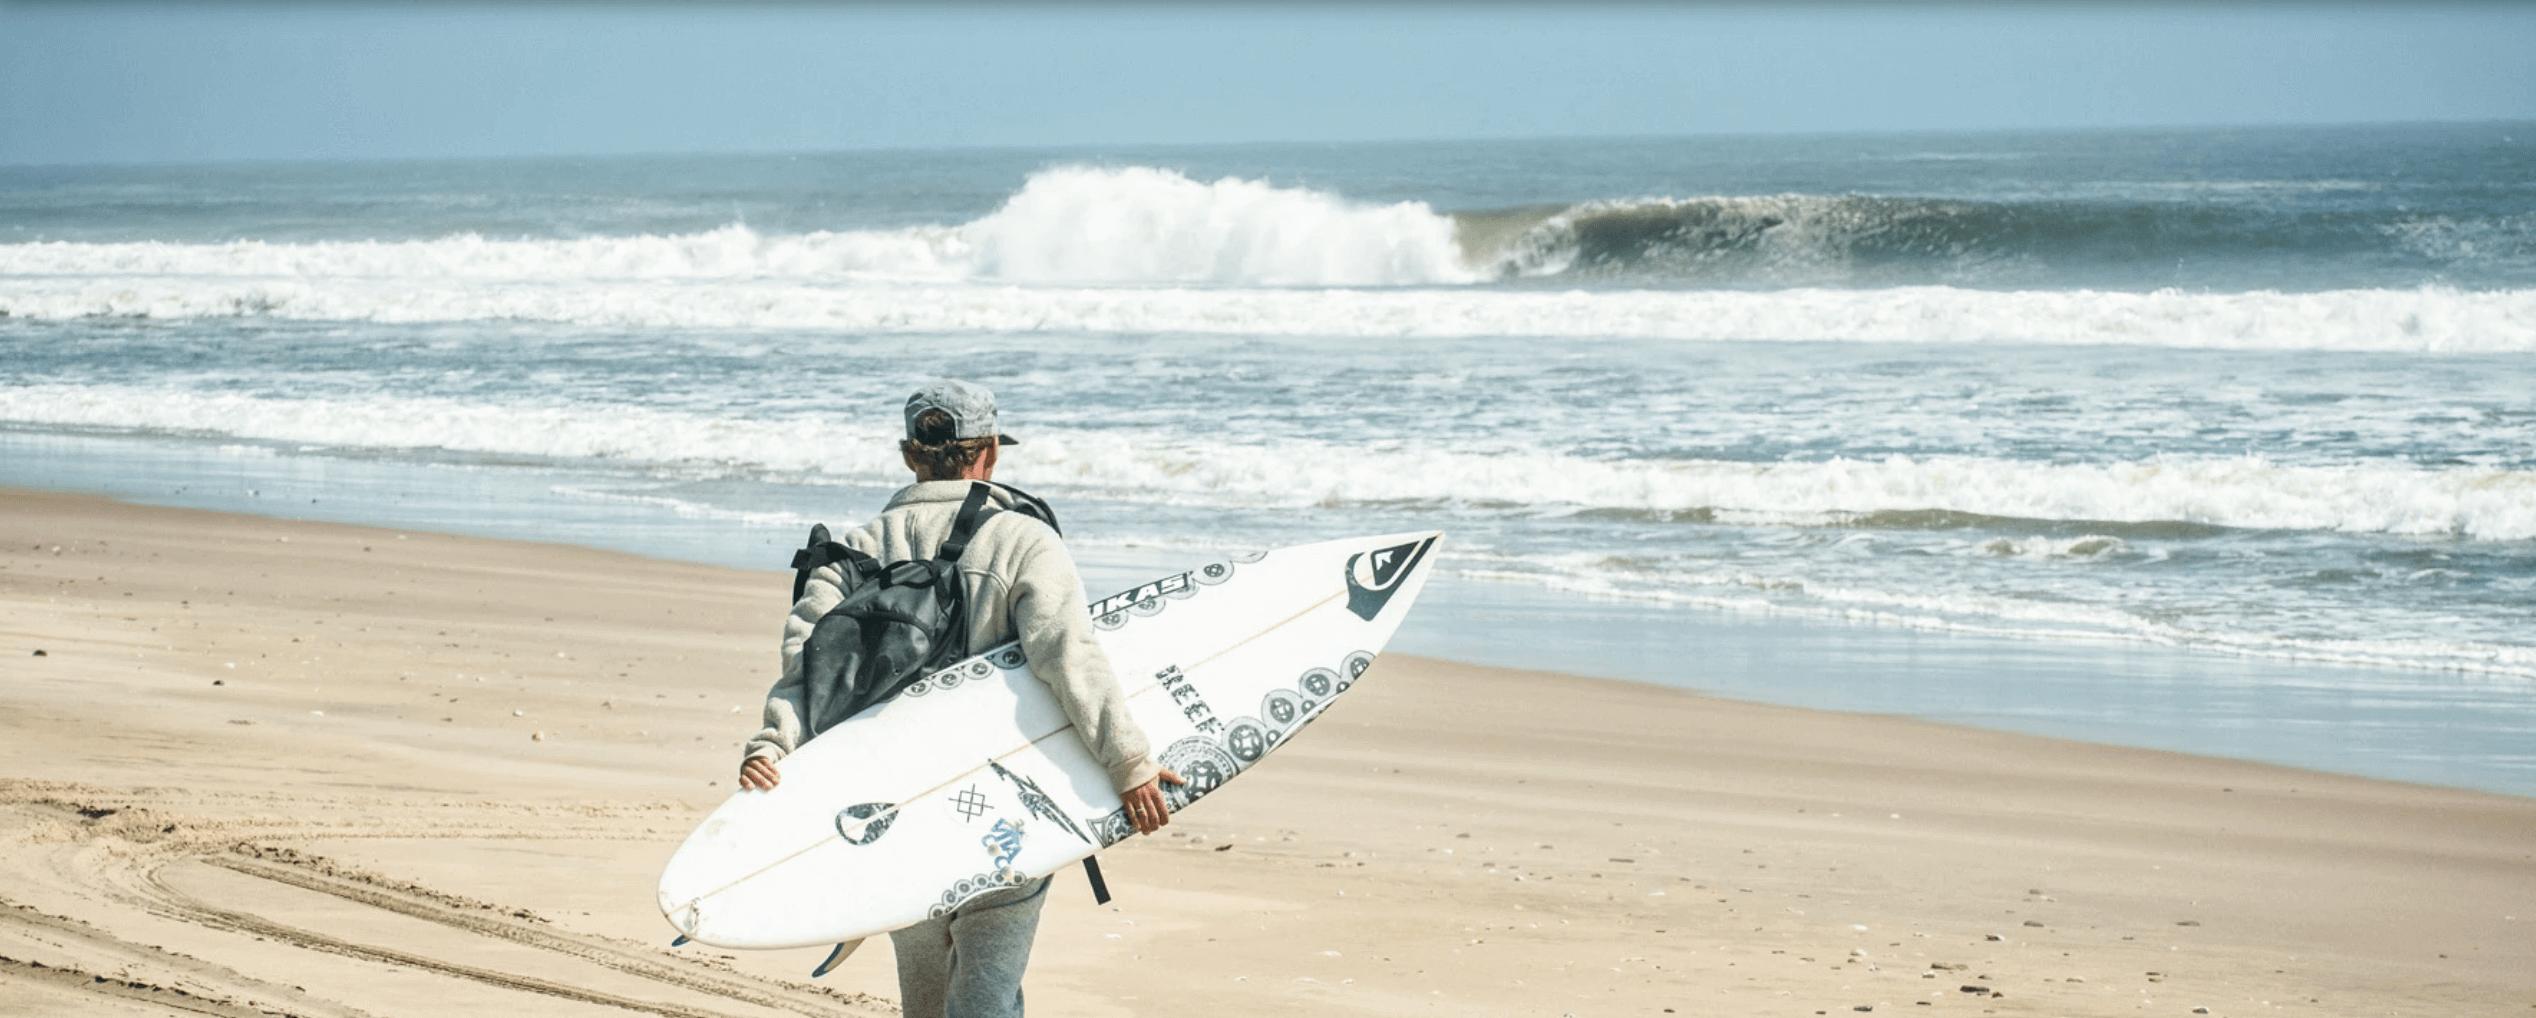 kepa acero caminando sobre las olas